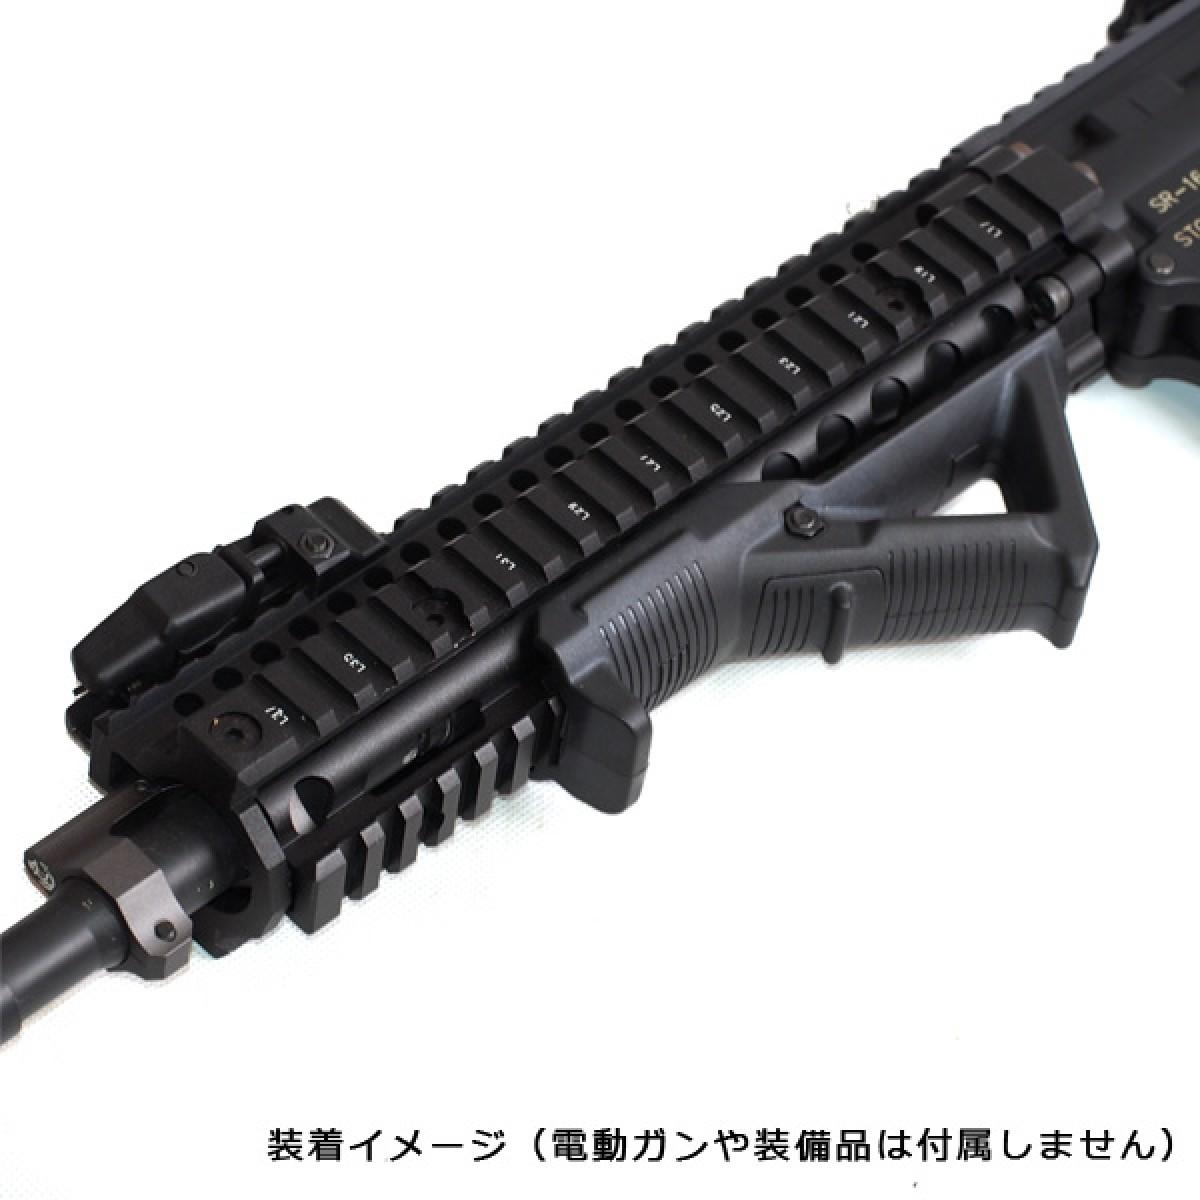 ダニエルディフェンスタイプ MK18 RIS ハンドガード 9inch